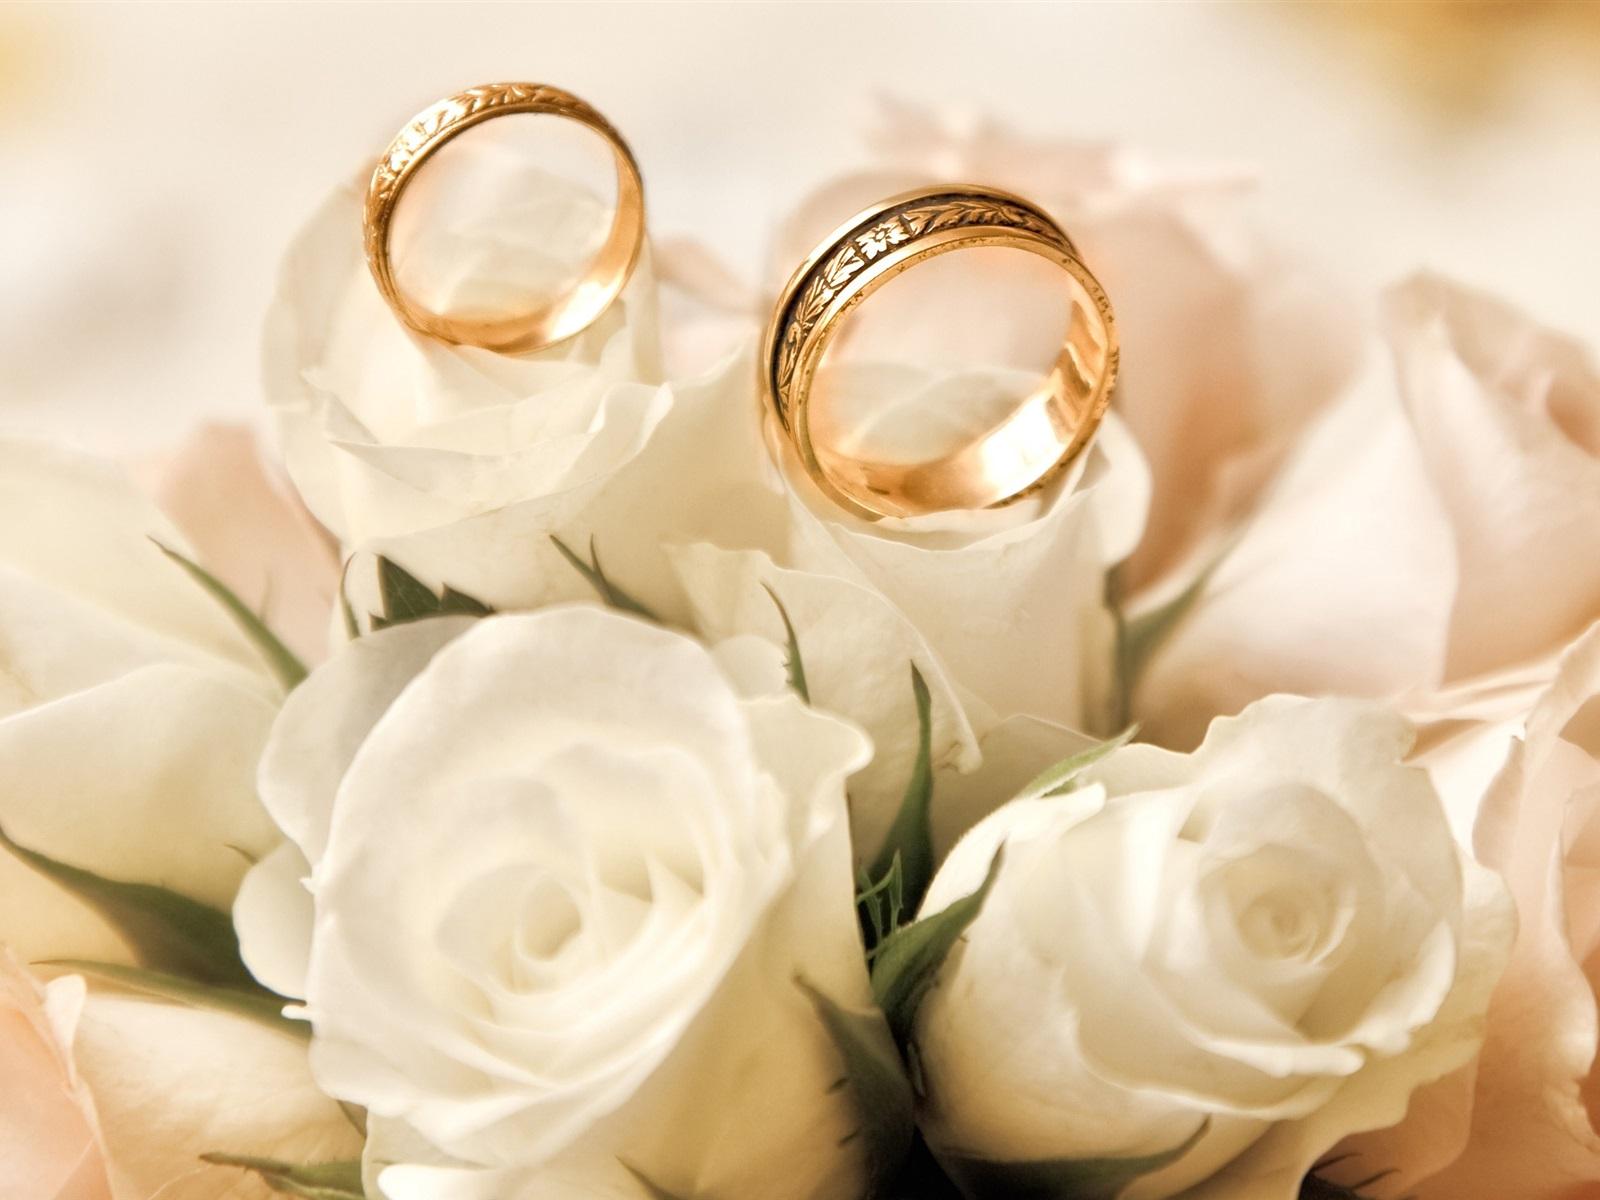 Картинки розы и обручальные кольца